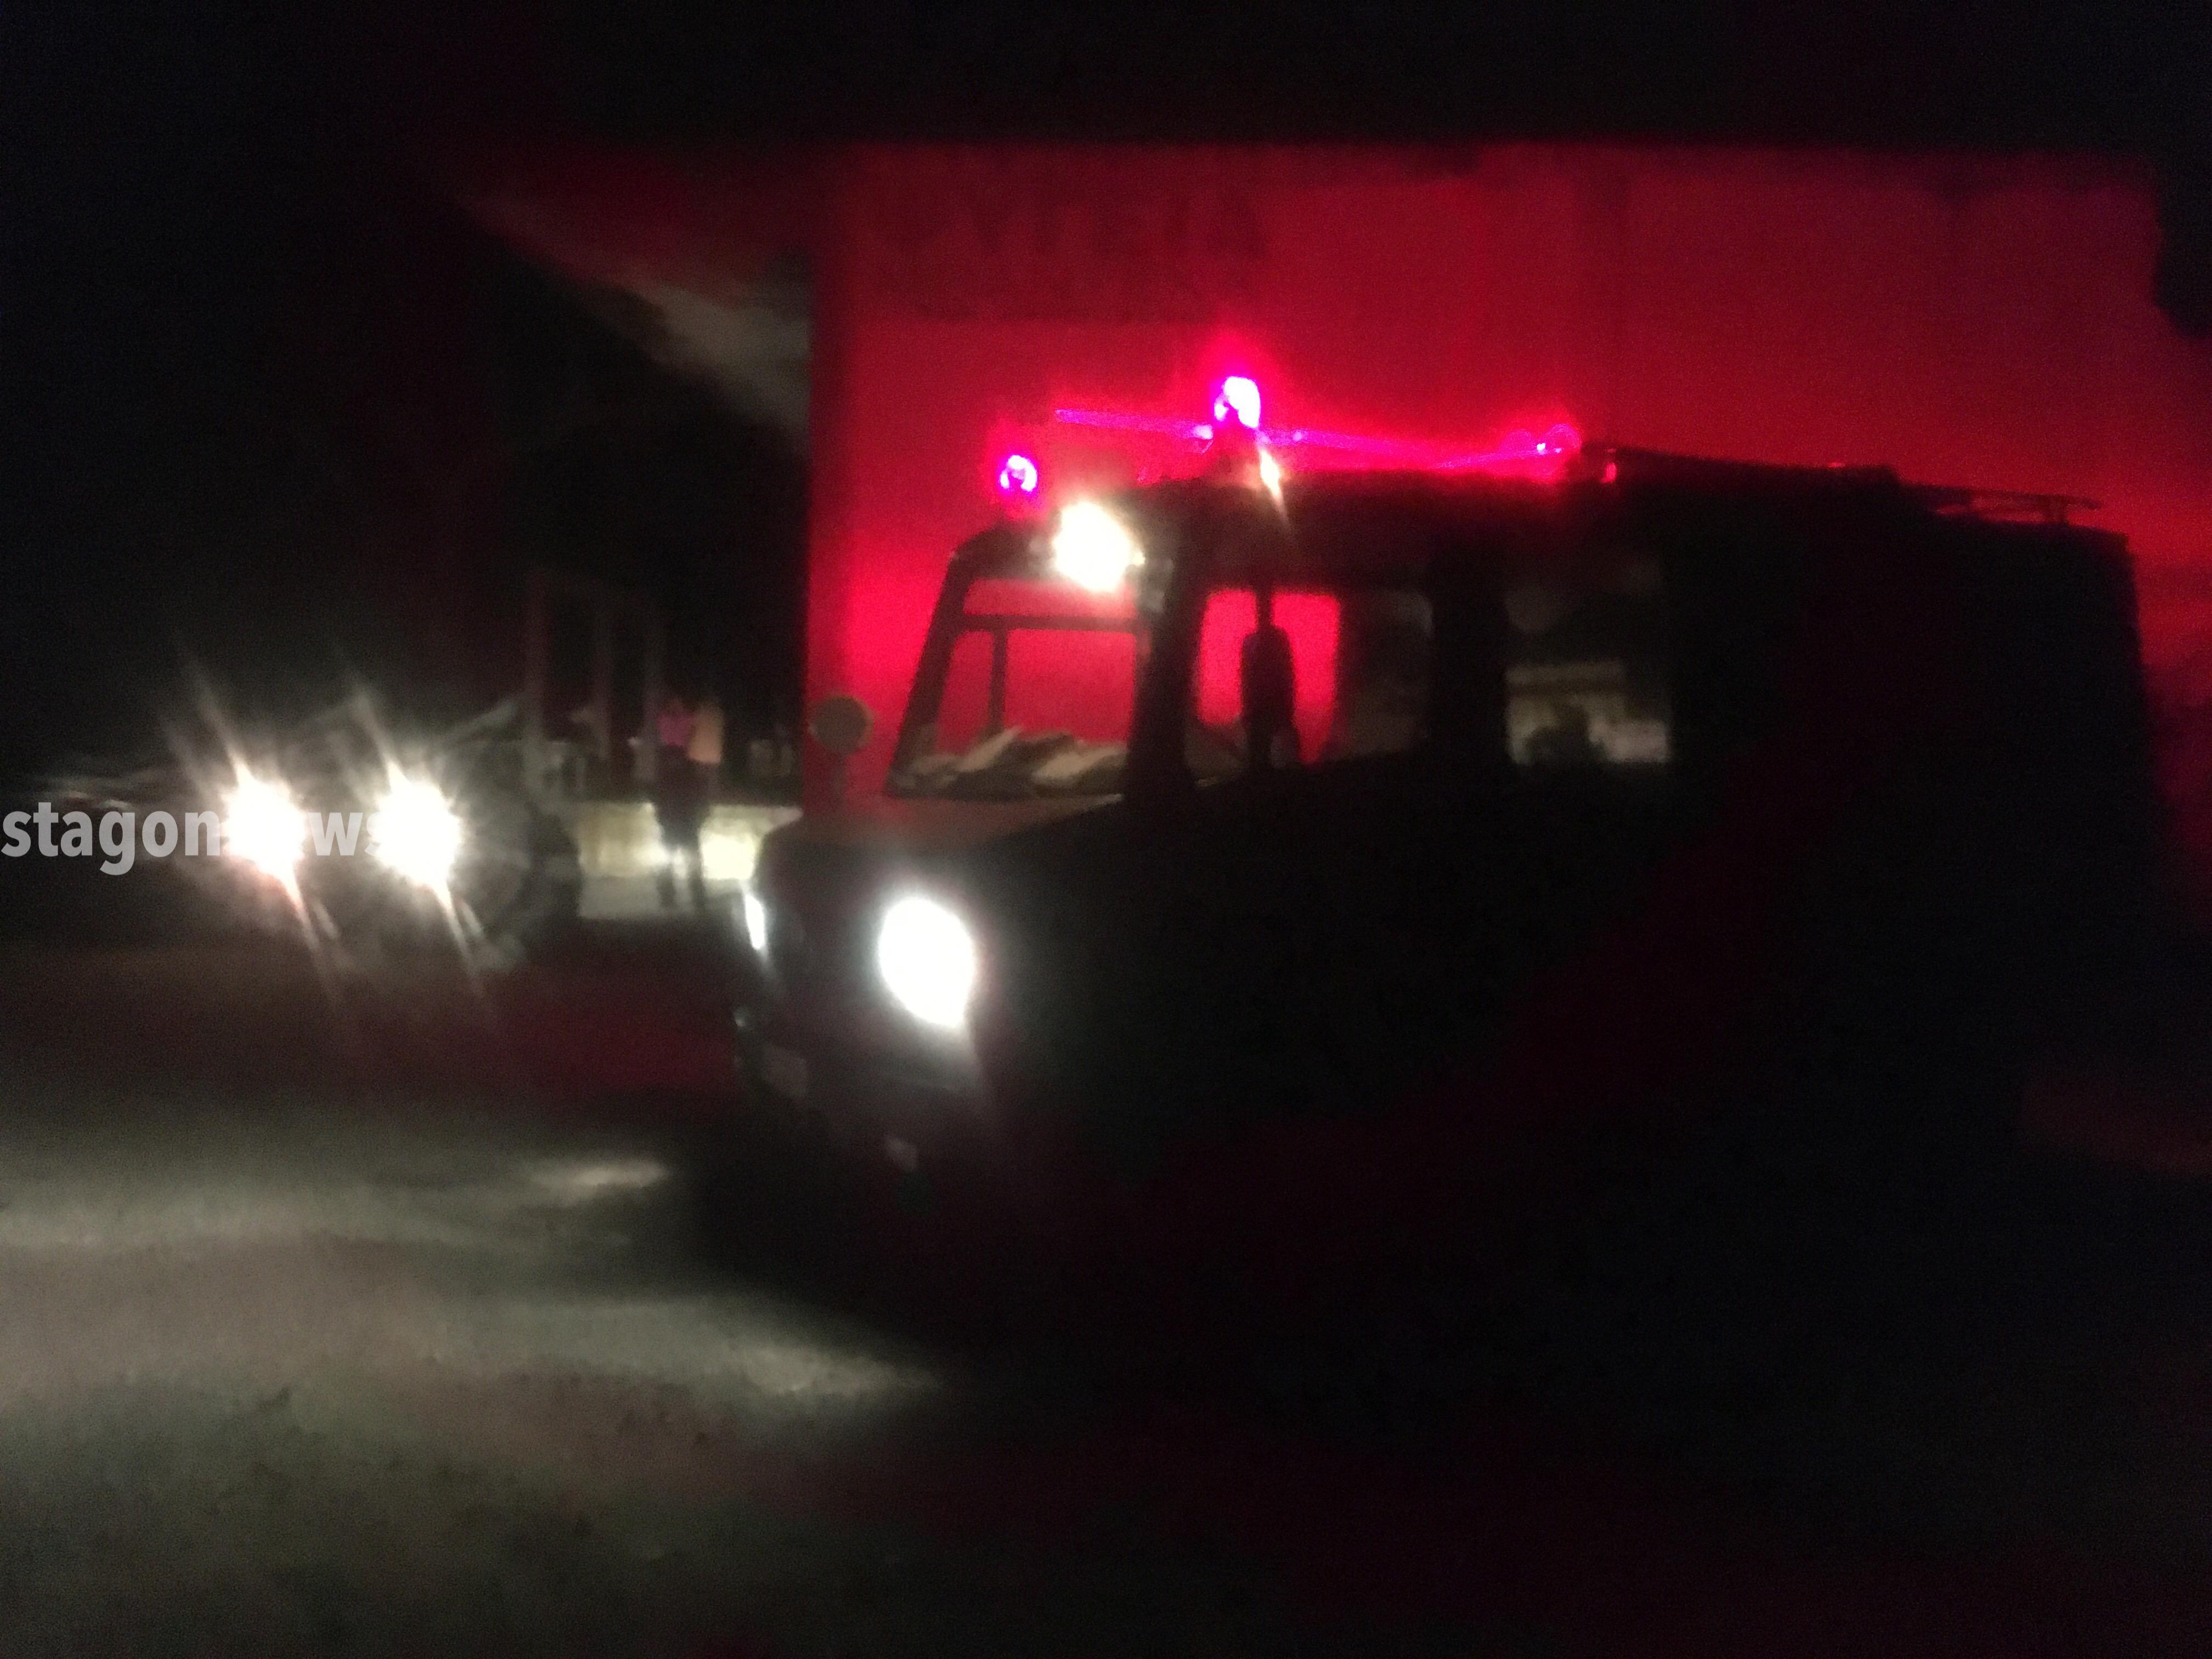 Από πτώση καλωδίων υψηλής τάσης το πρόβλημα ηλεκτροδότησης στην Καλαμπάκα